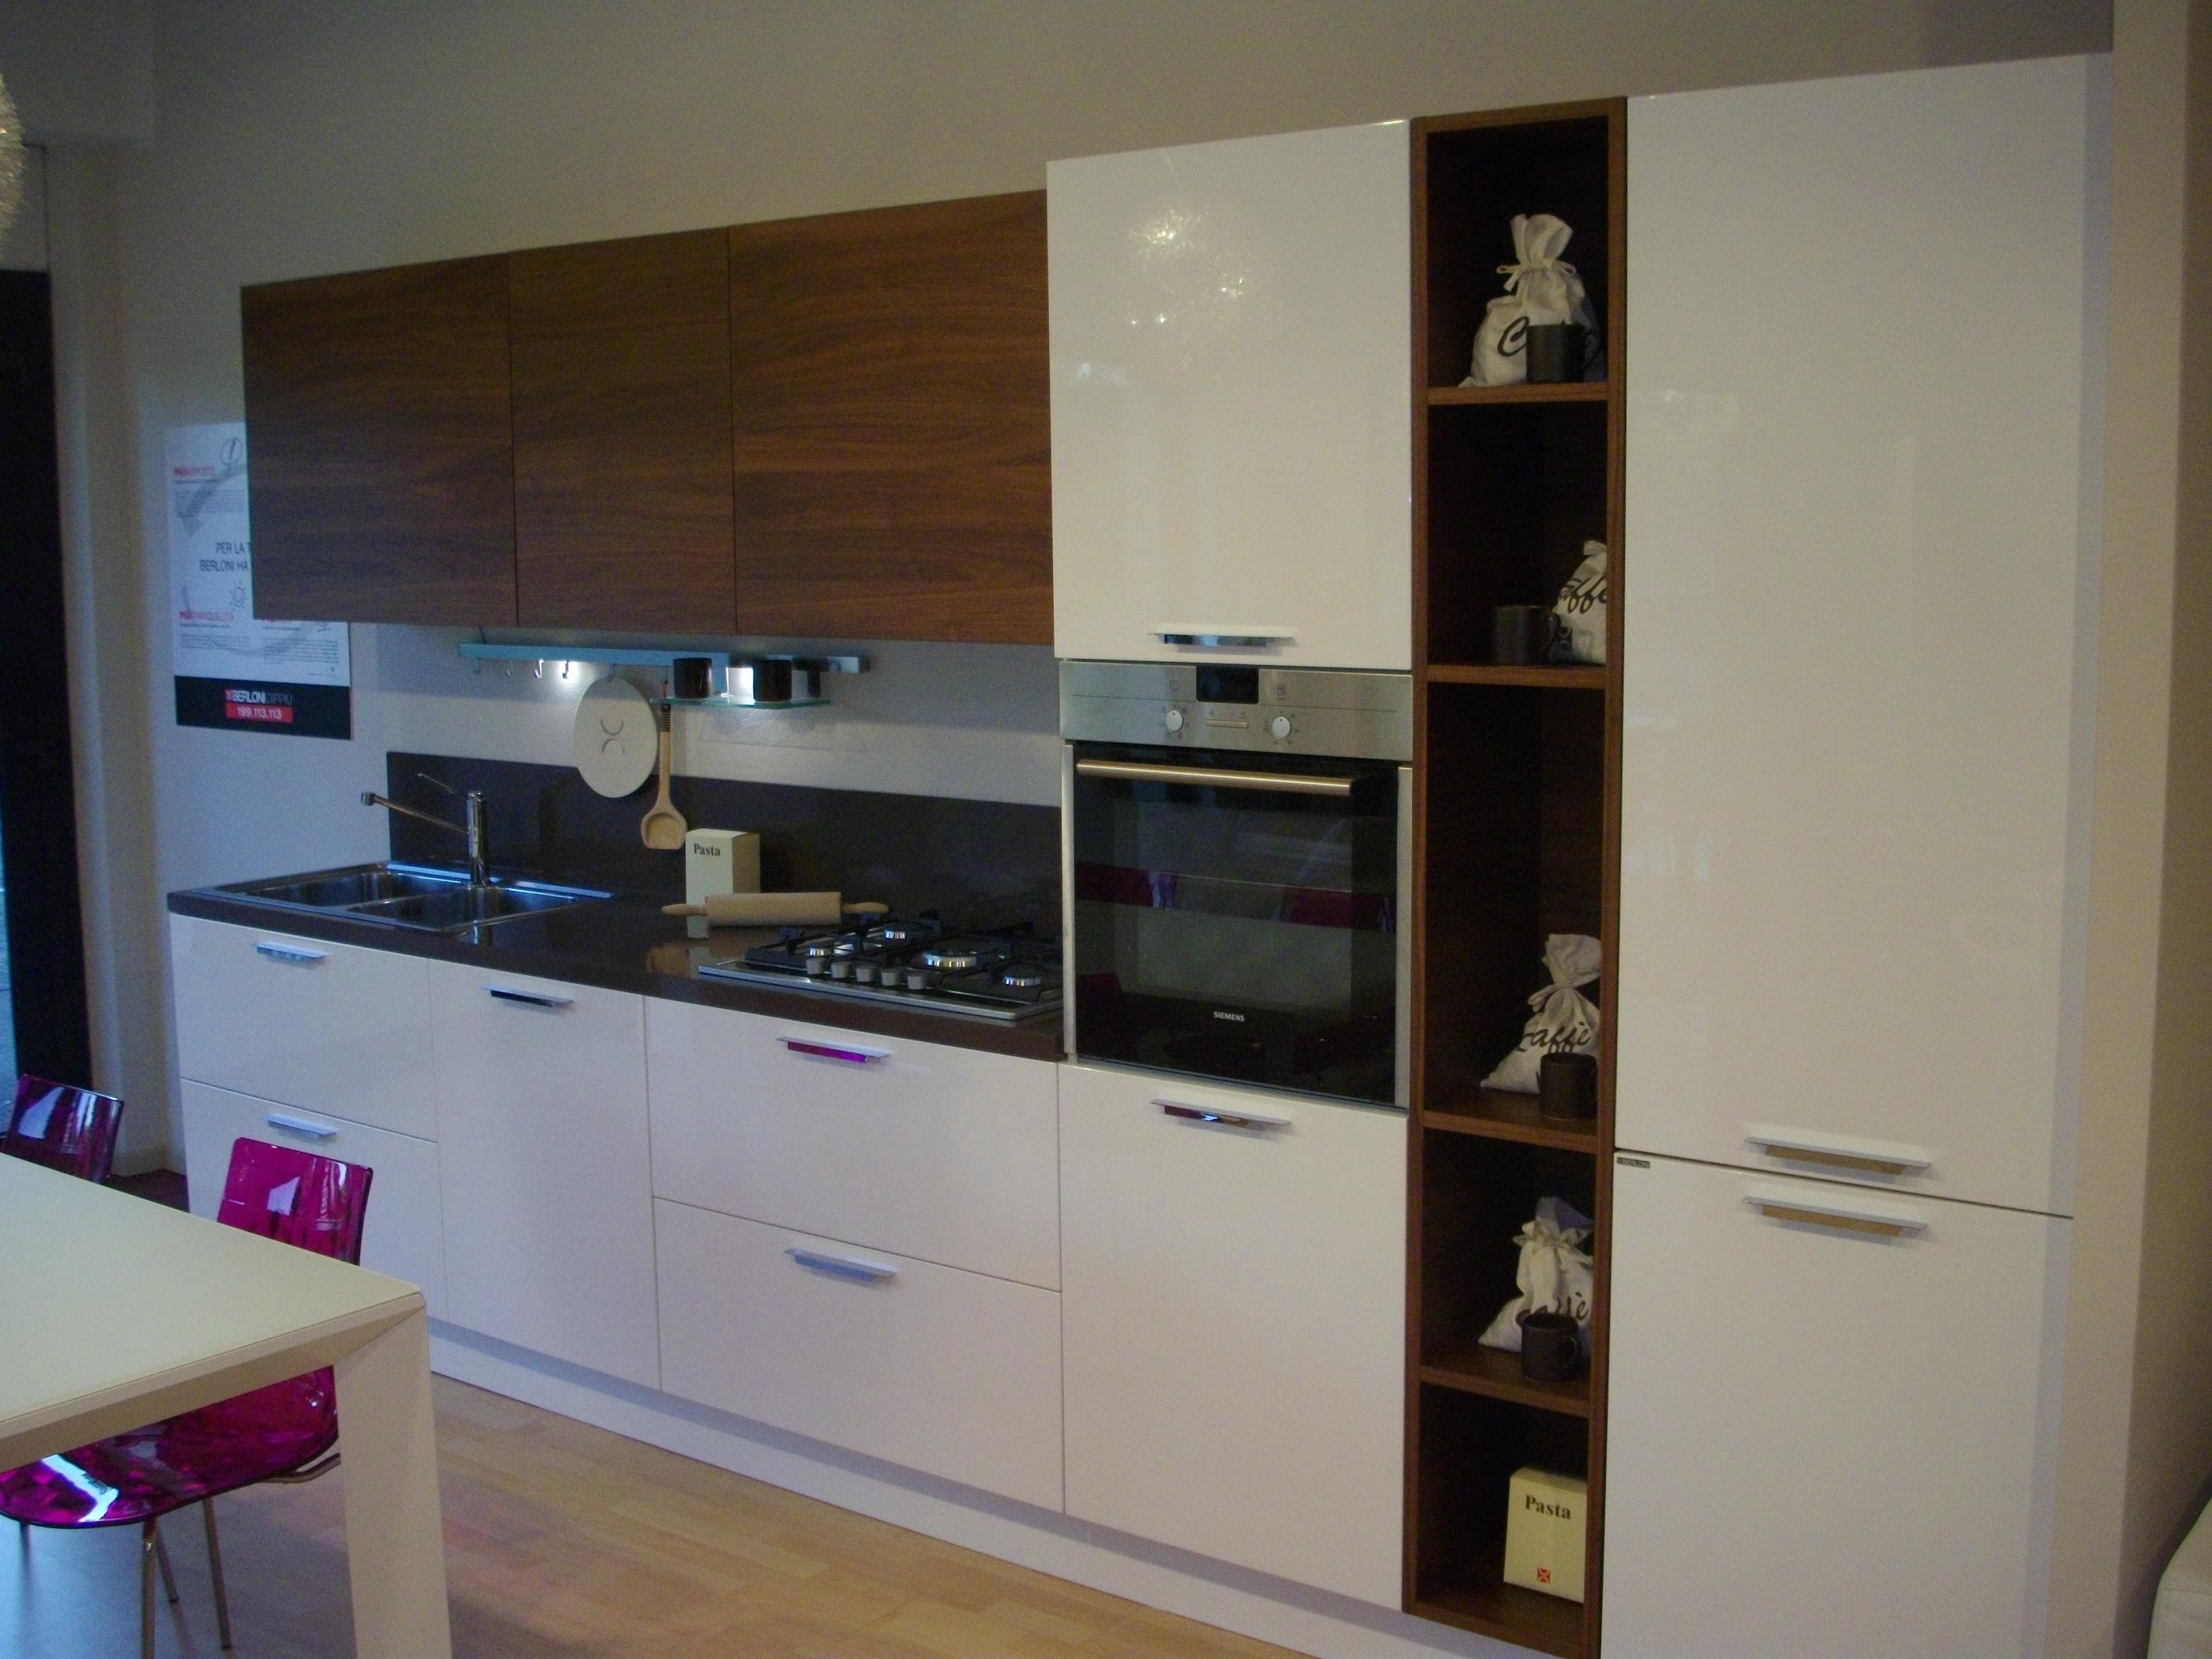 Cucina berloni mod plan in offerta cucine a prezzi scontati - Prezzi cucine berloni ...